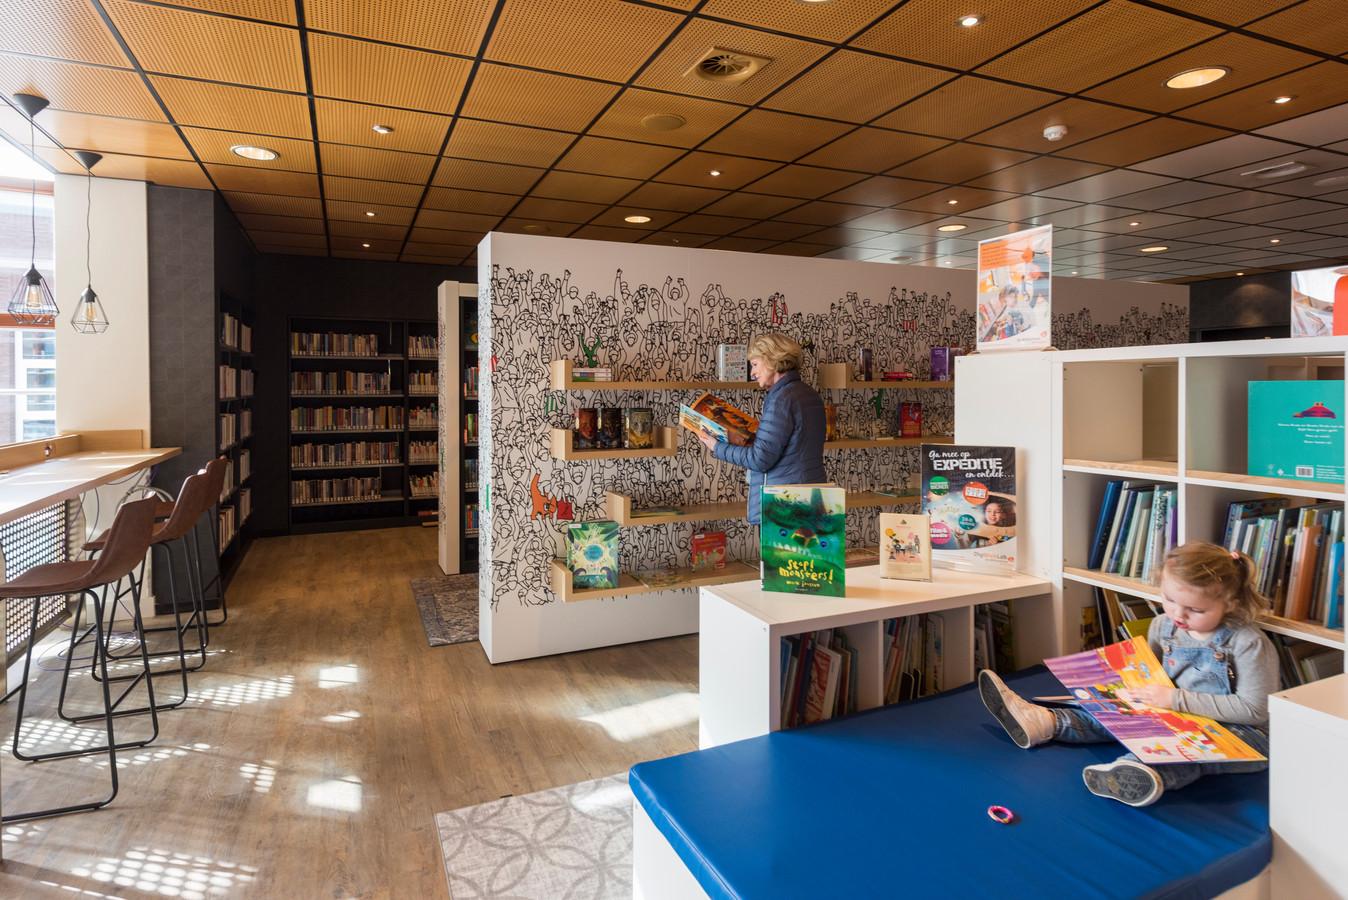 De bibliotheek van Oirschot zetelt sinds kort in het voormalige theatercafé, boven de foyer van De Enck.